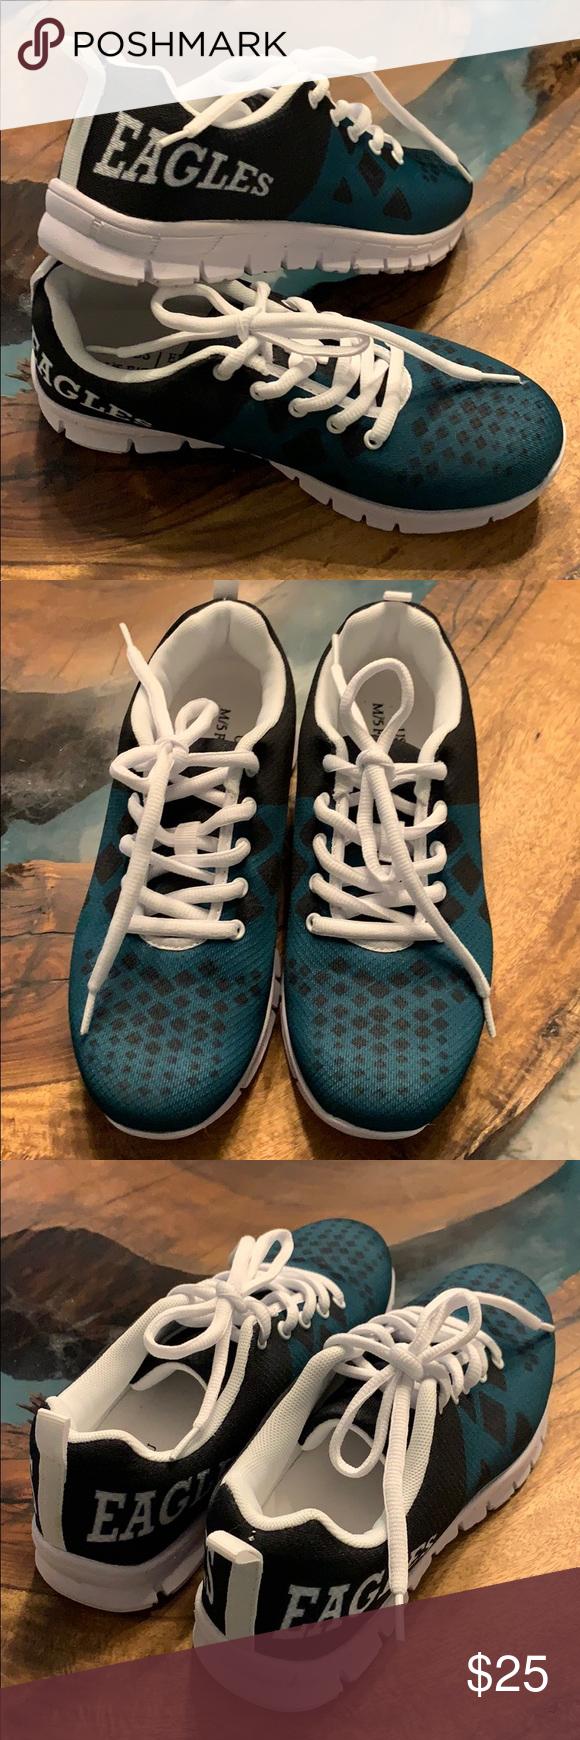 Eagles Sneakers